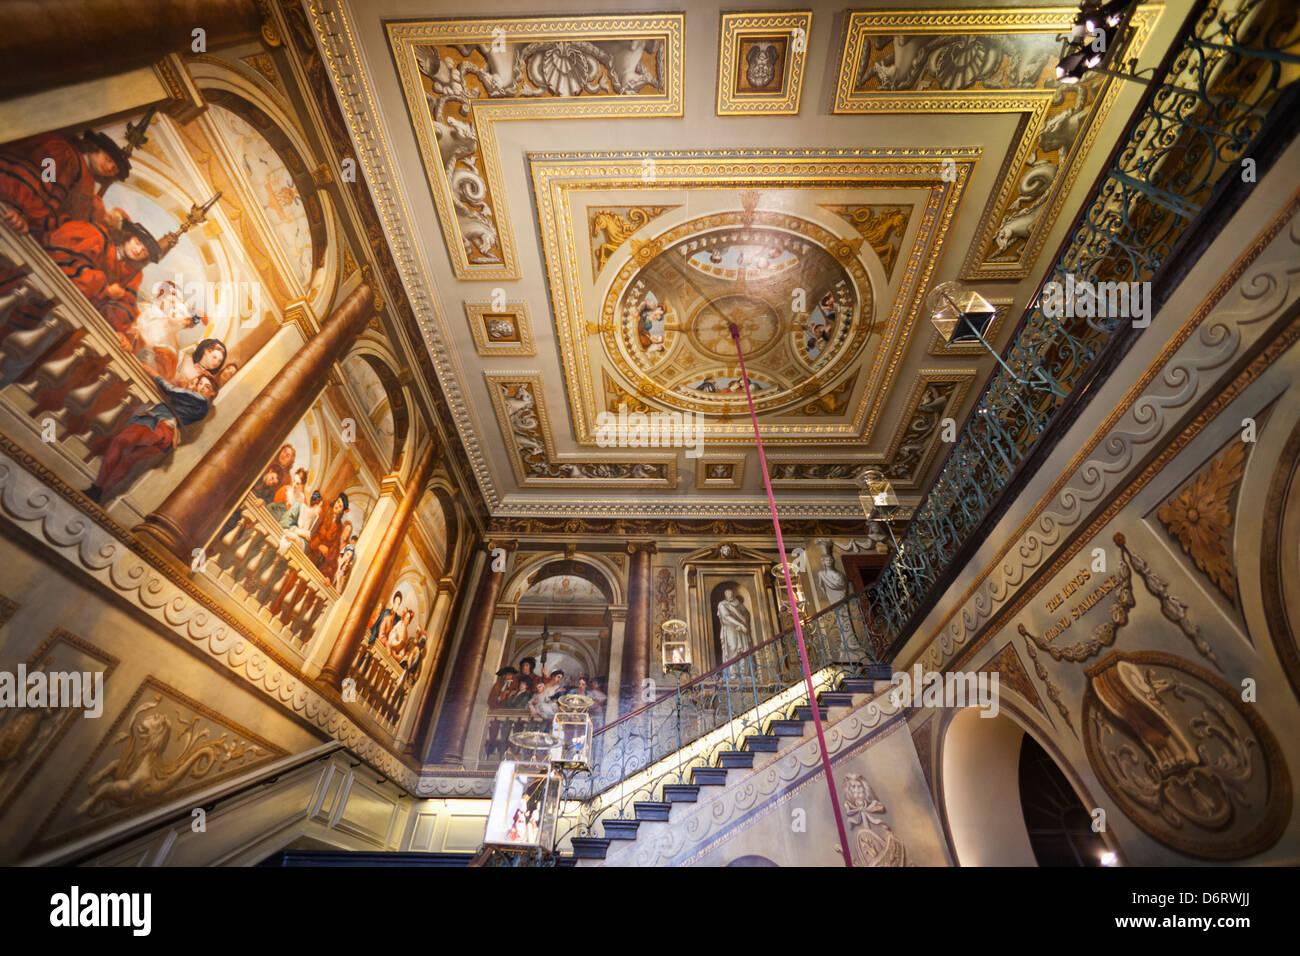 UK, London, Kensington, Kensington Palace, The King's